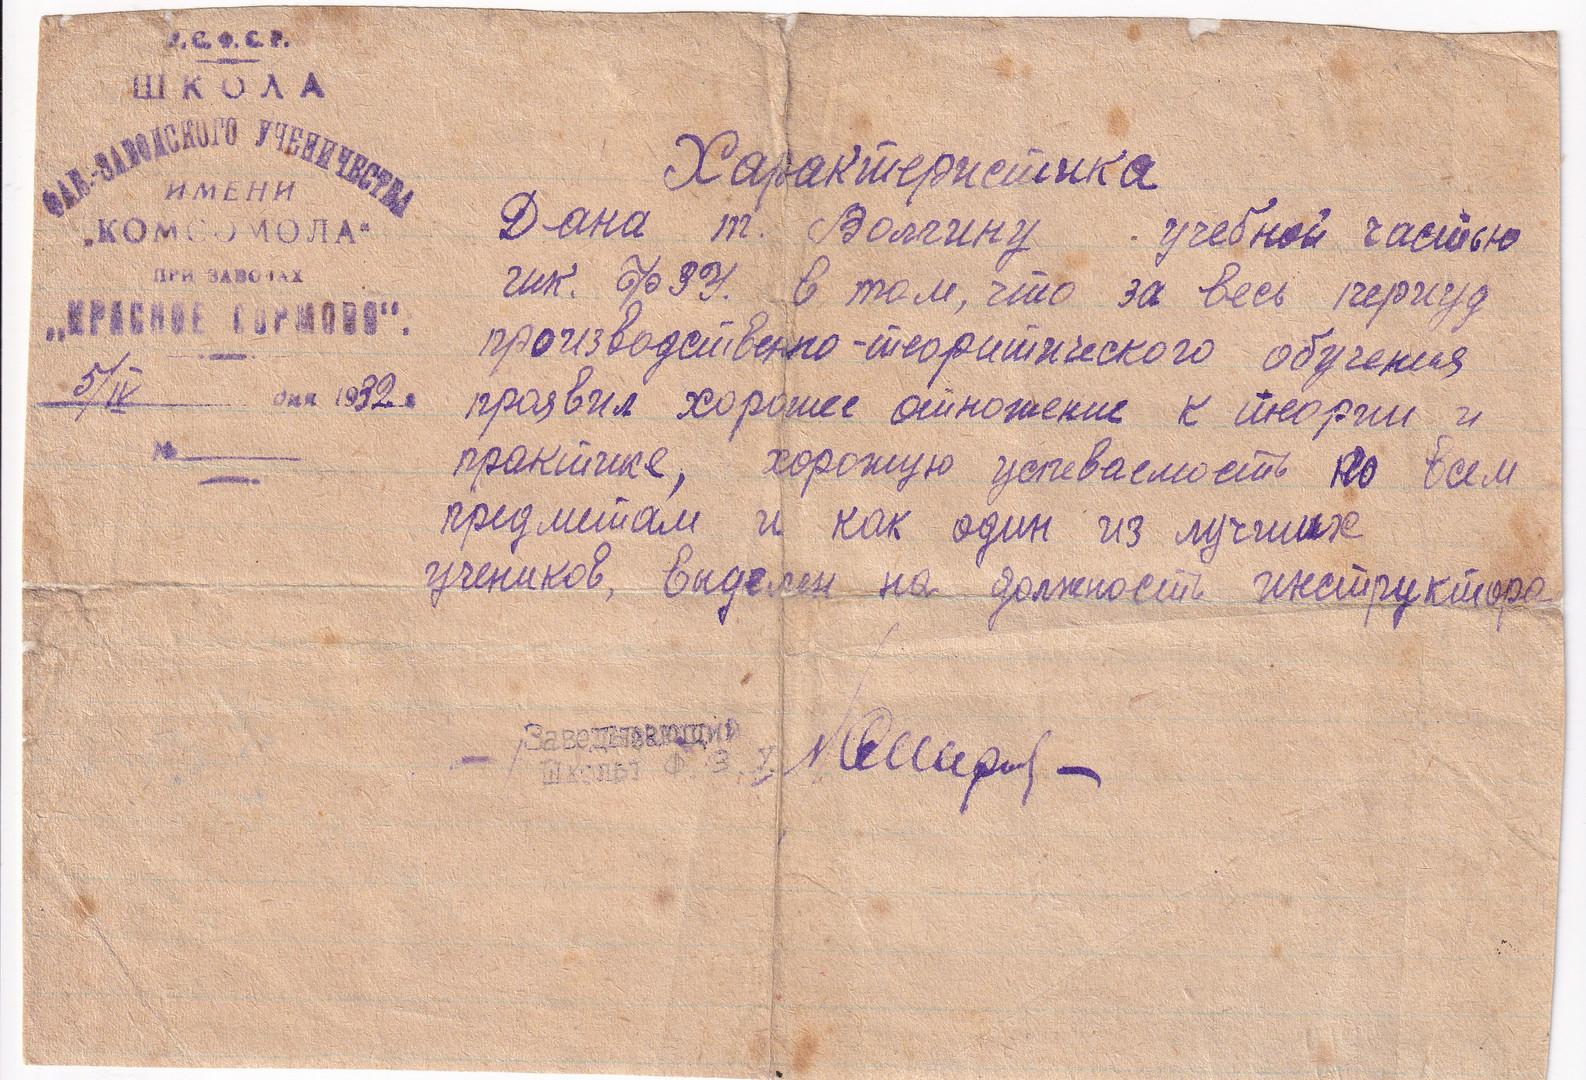 Характеристика из школы ФЗУ Волгина Ивана Семёновича. 05.04.1932